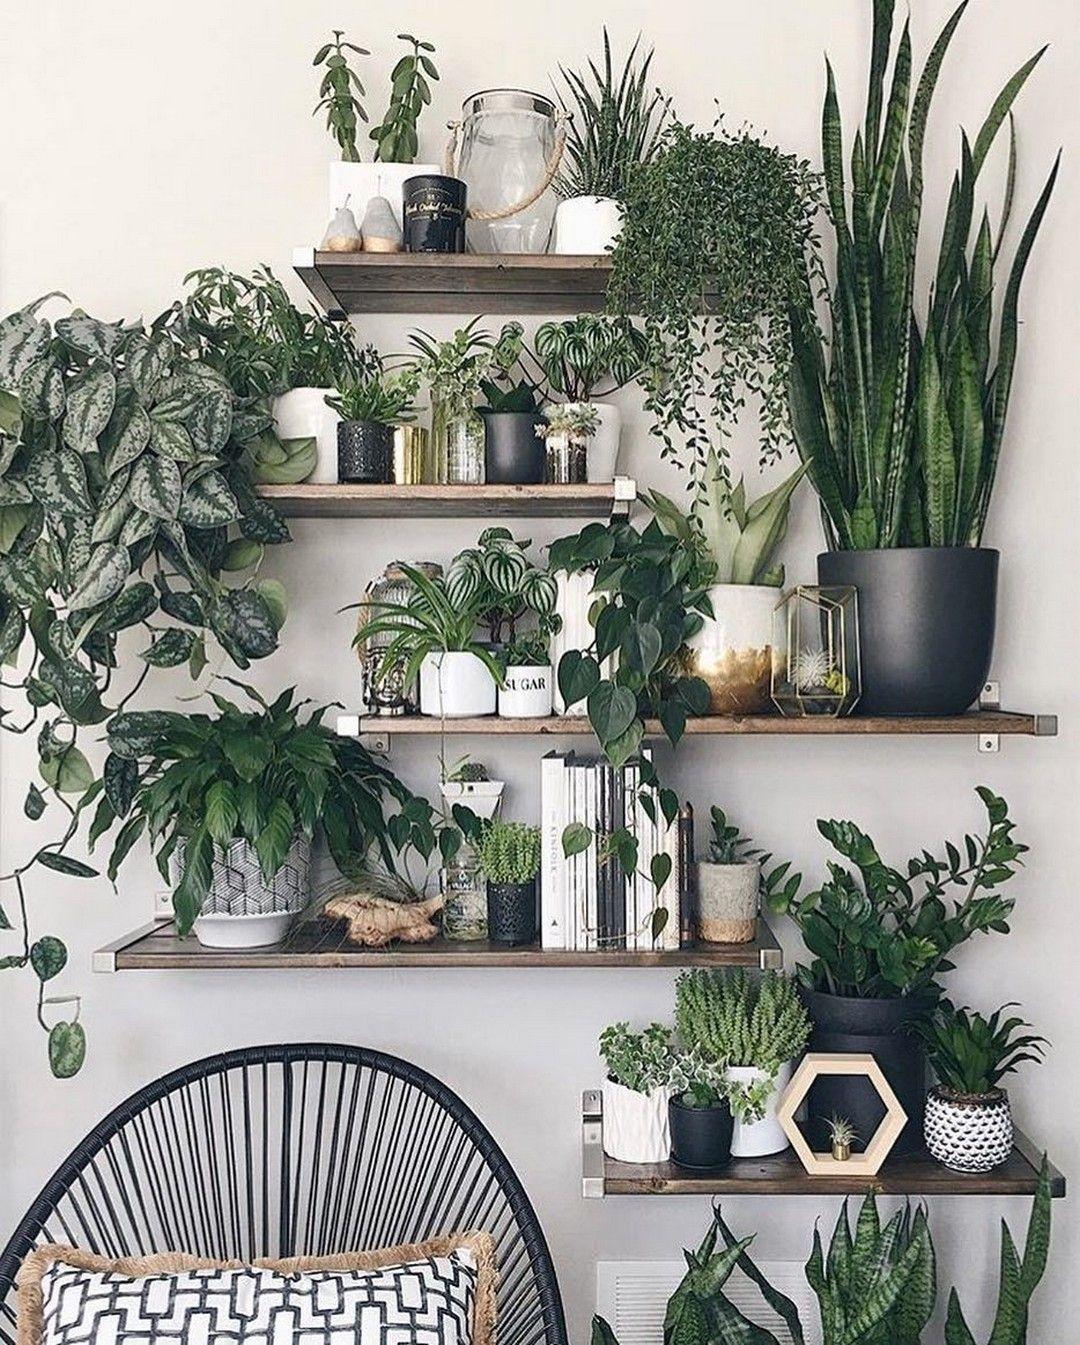 Plant Decor By Caitlin Sinclair On